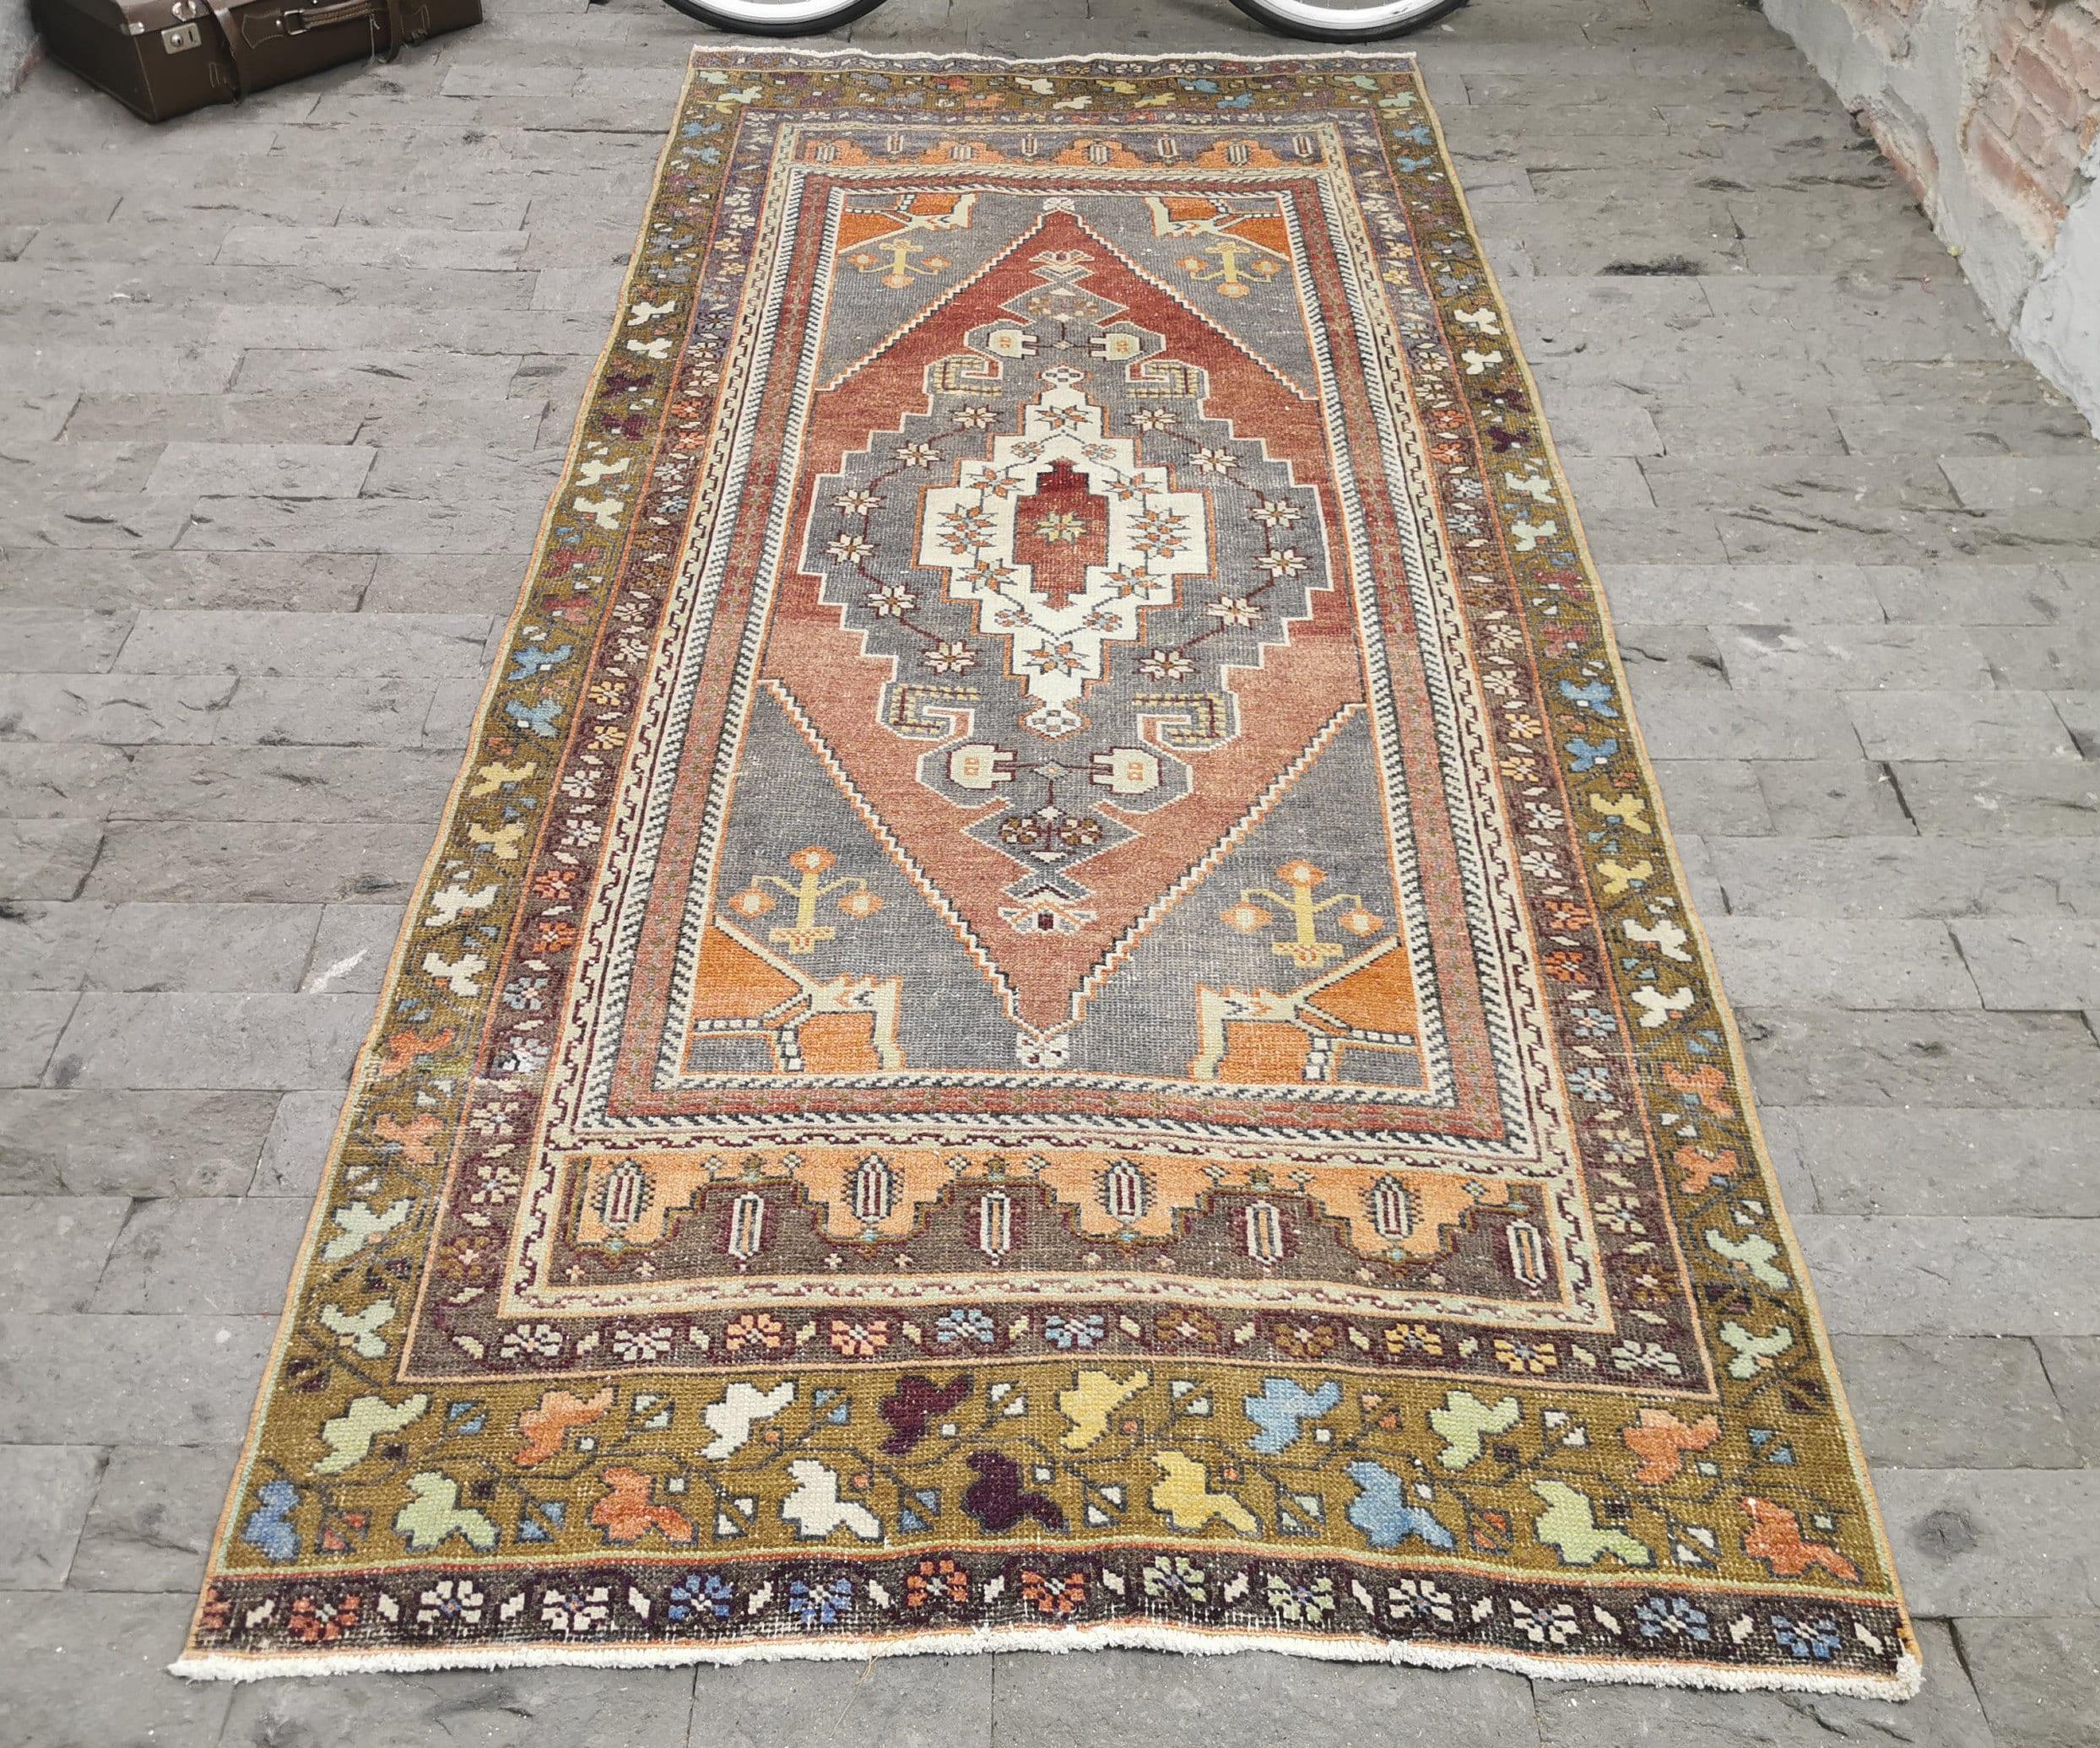 5.9x9.7 Area Rug Bohemian Rug Vintage Area Rug Orange Turkish Rug Oriental Rug Oushak Rug Large Area Rug Distressed Rug Muted Rug